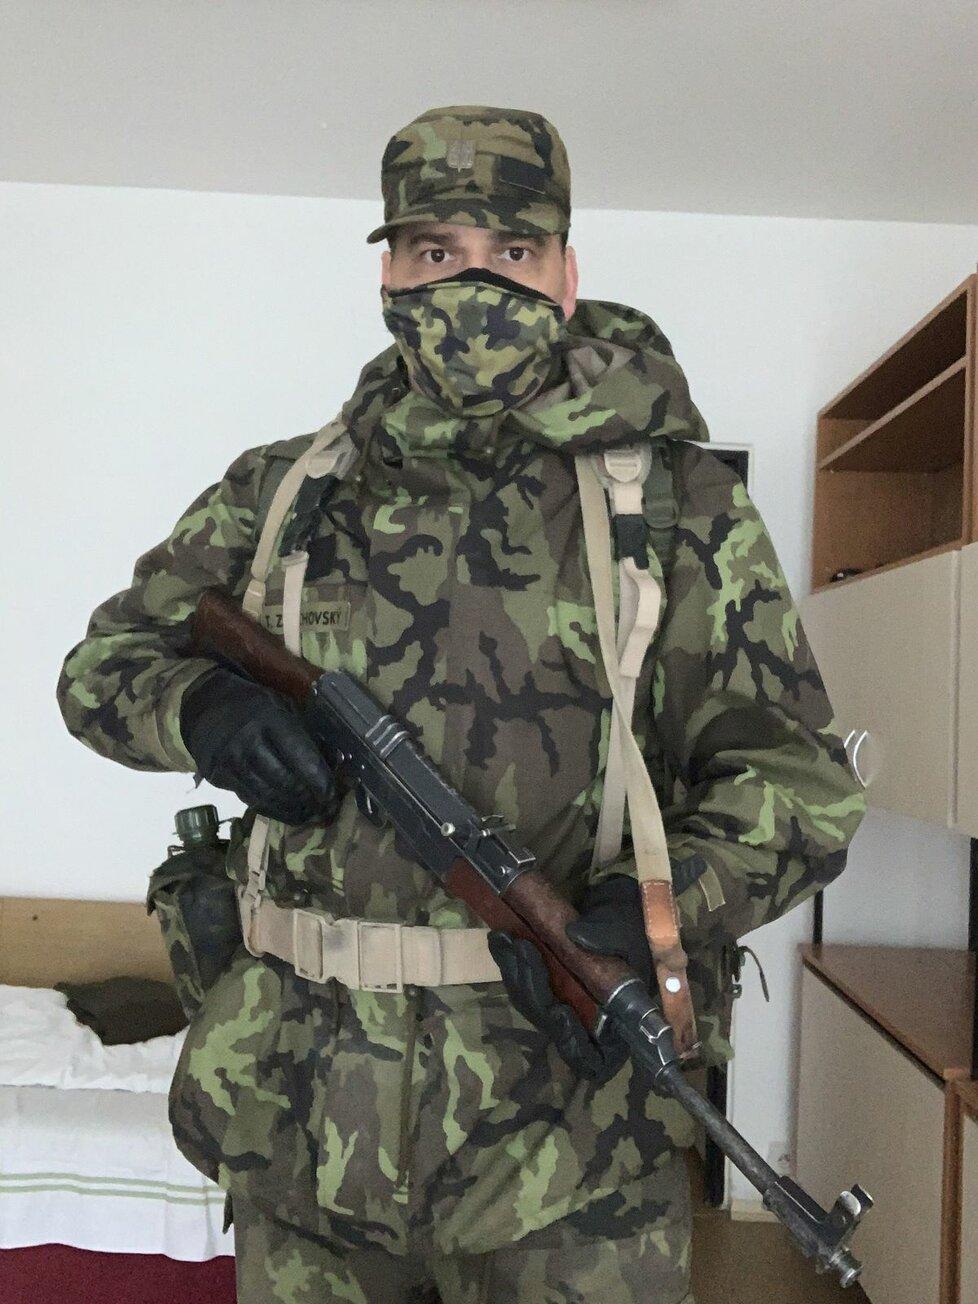 Europoslanec a místopředseda KDU-ČSL Tomáš Zdechovský zhubnul 14 kilo a absolvoval vojenský kurz pro Aktivní zálohy české armády